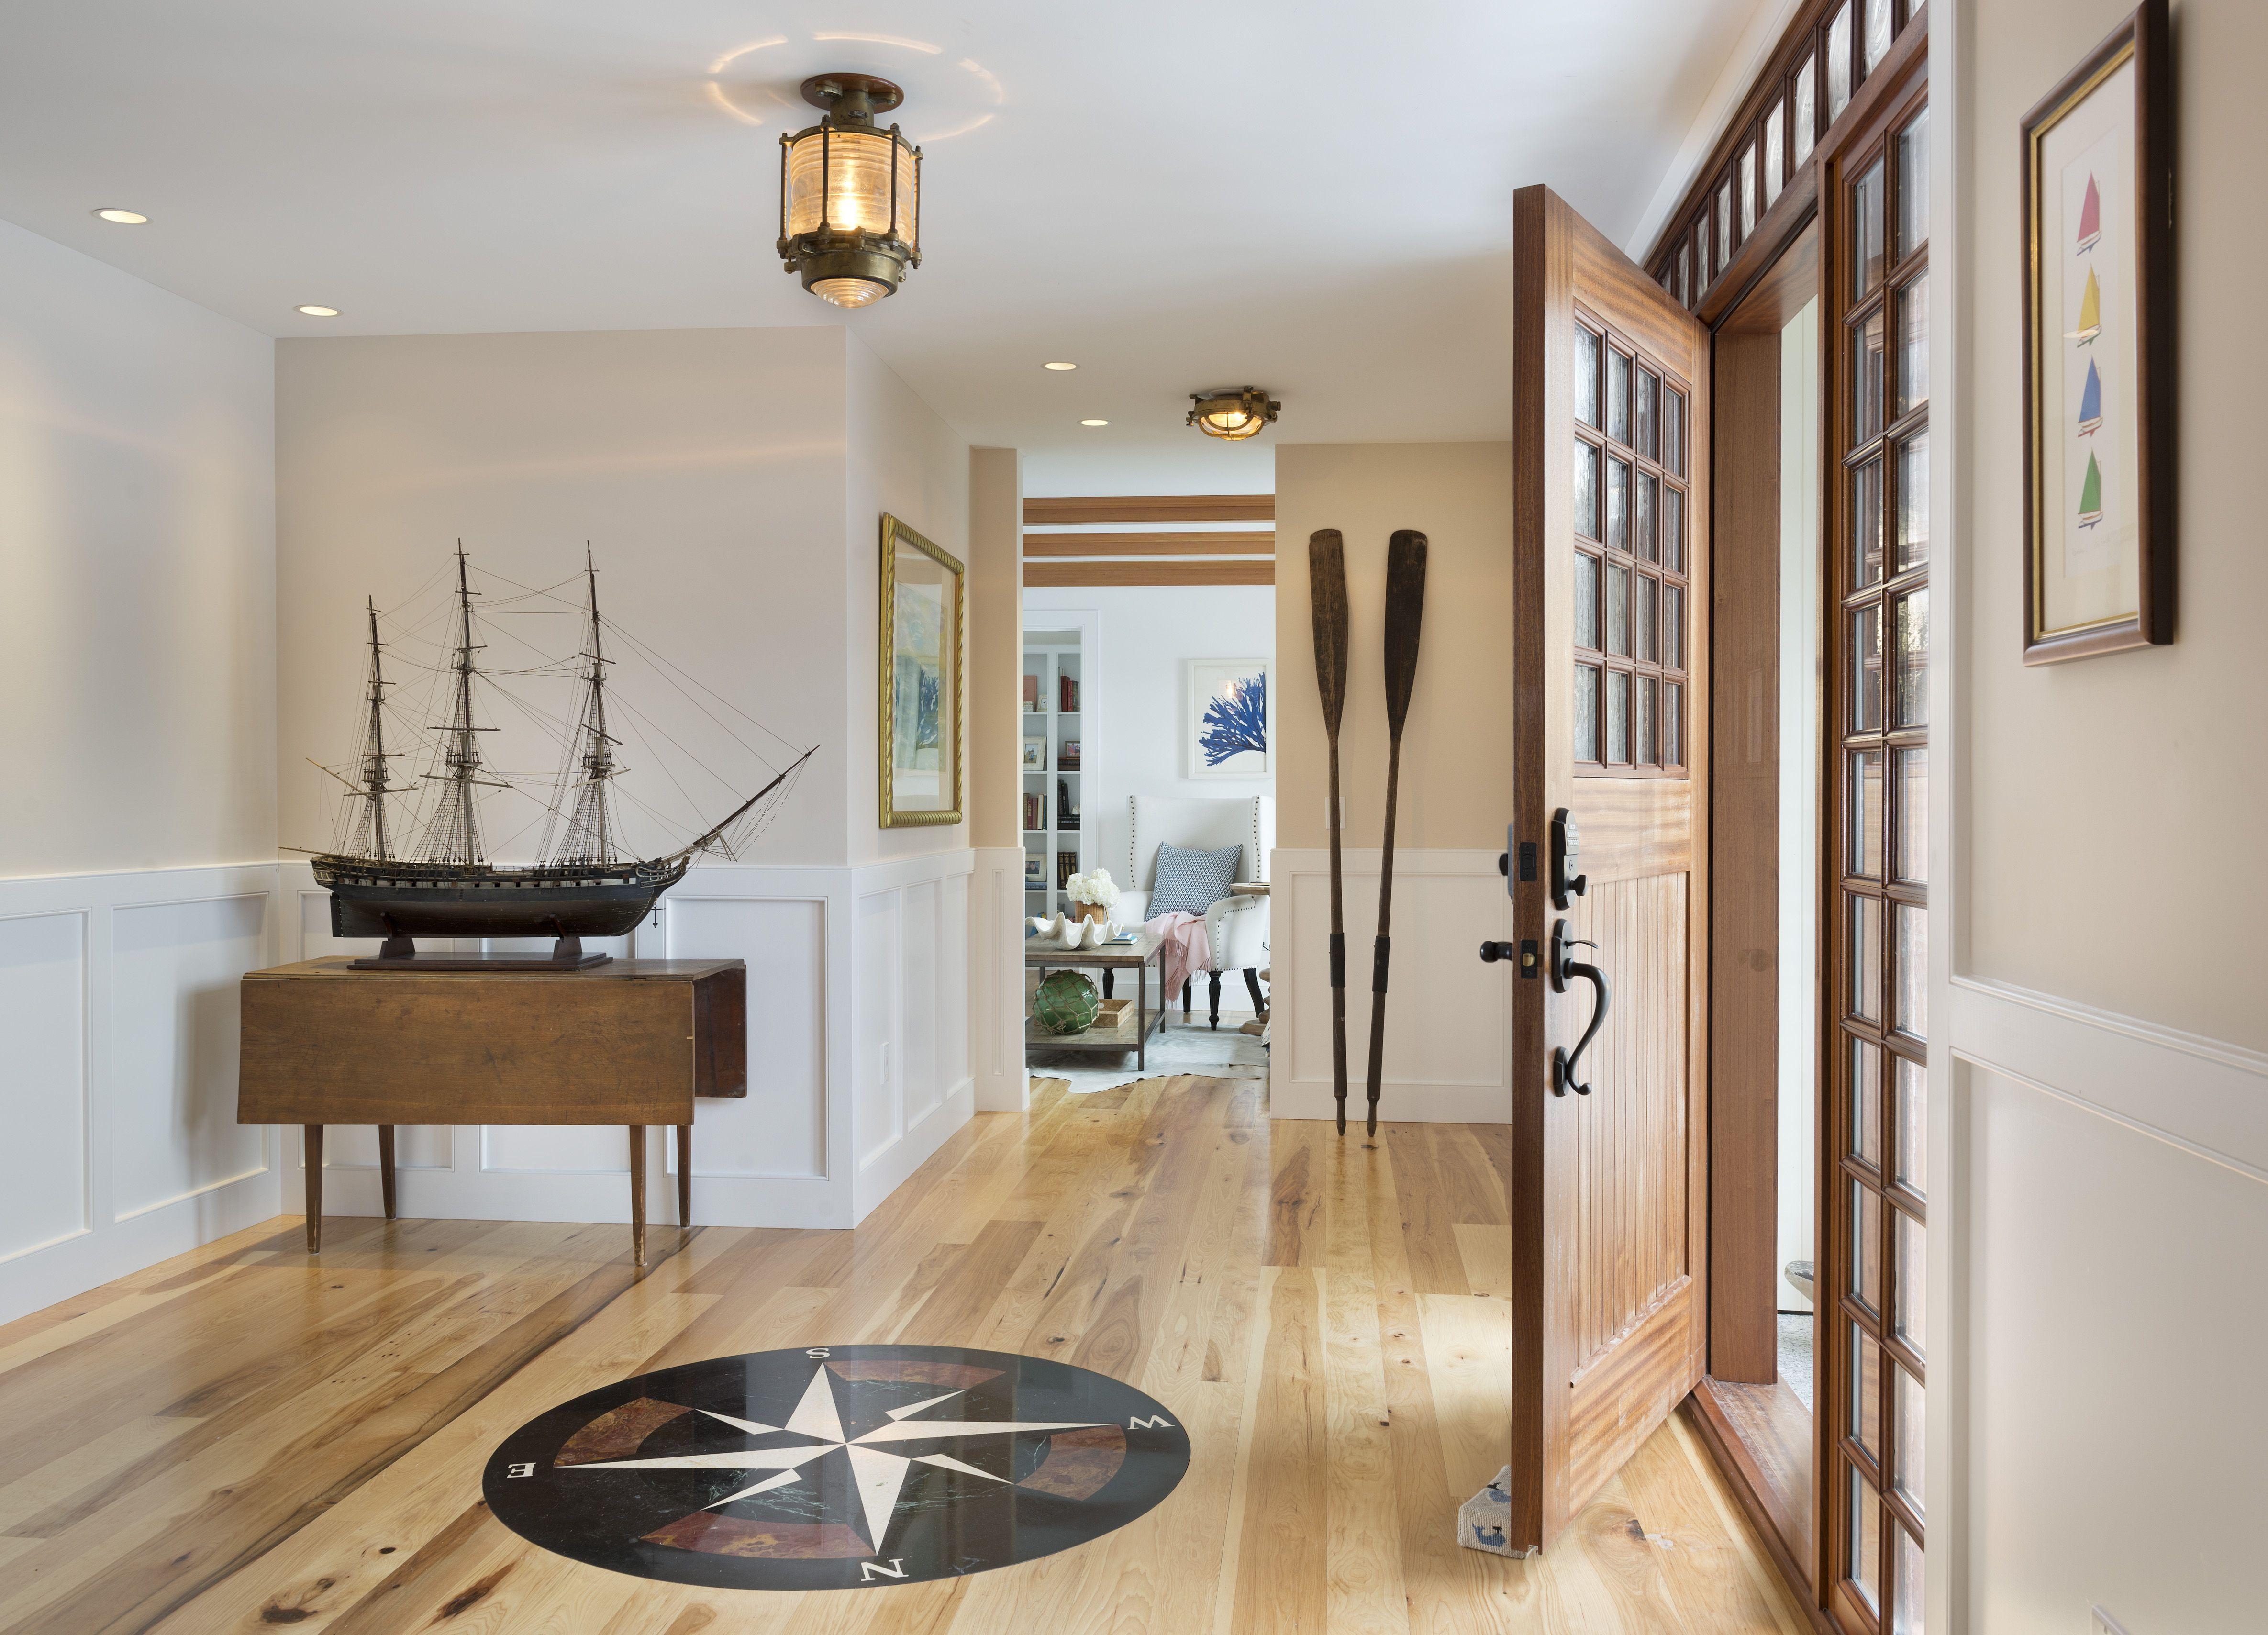 Model Ship + Compass Rose #Transomlighting #Foyer